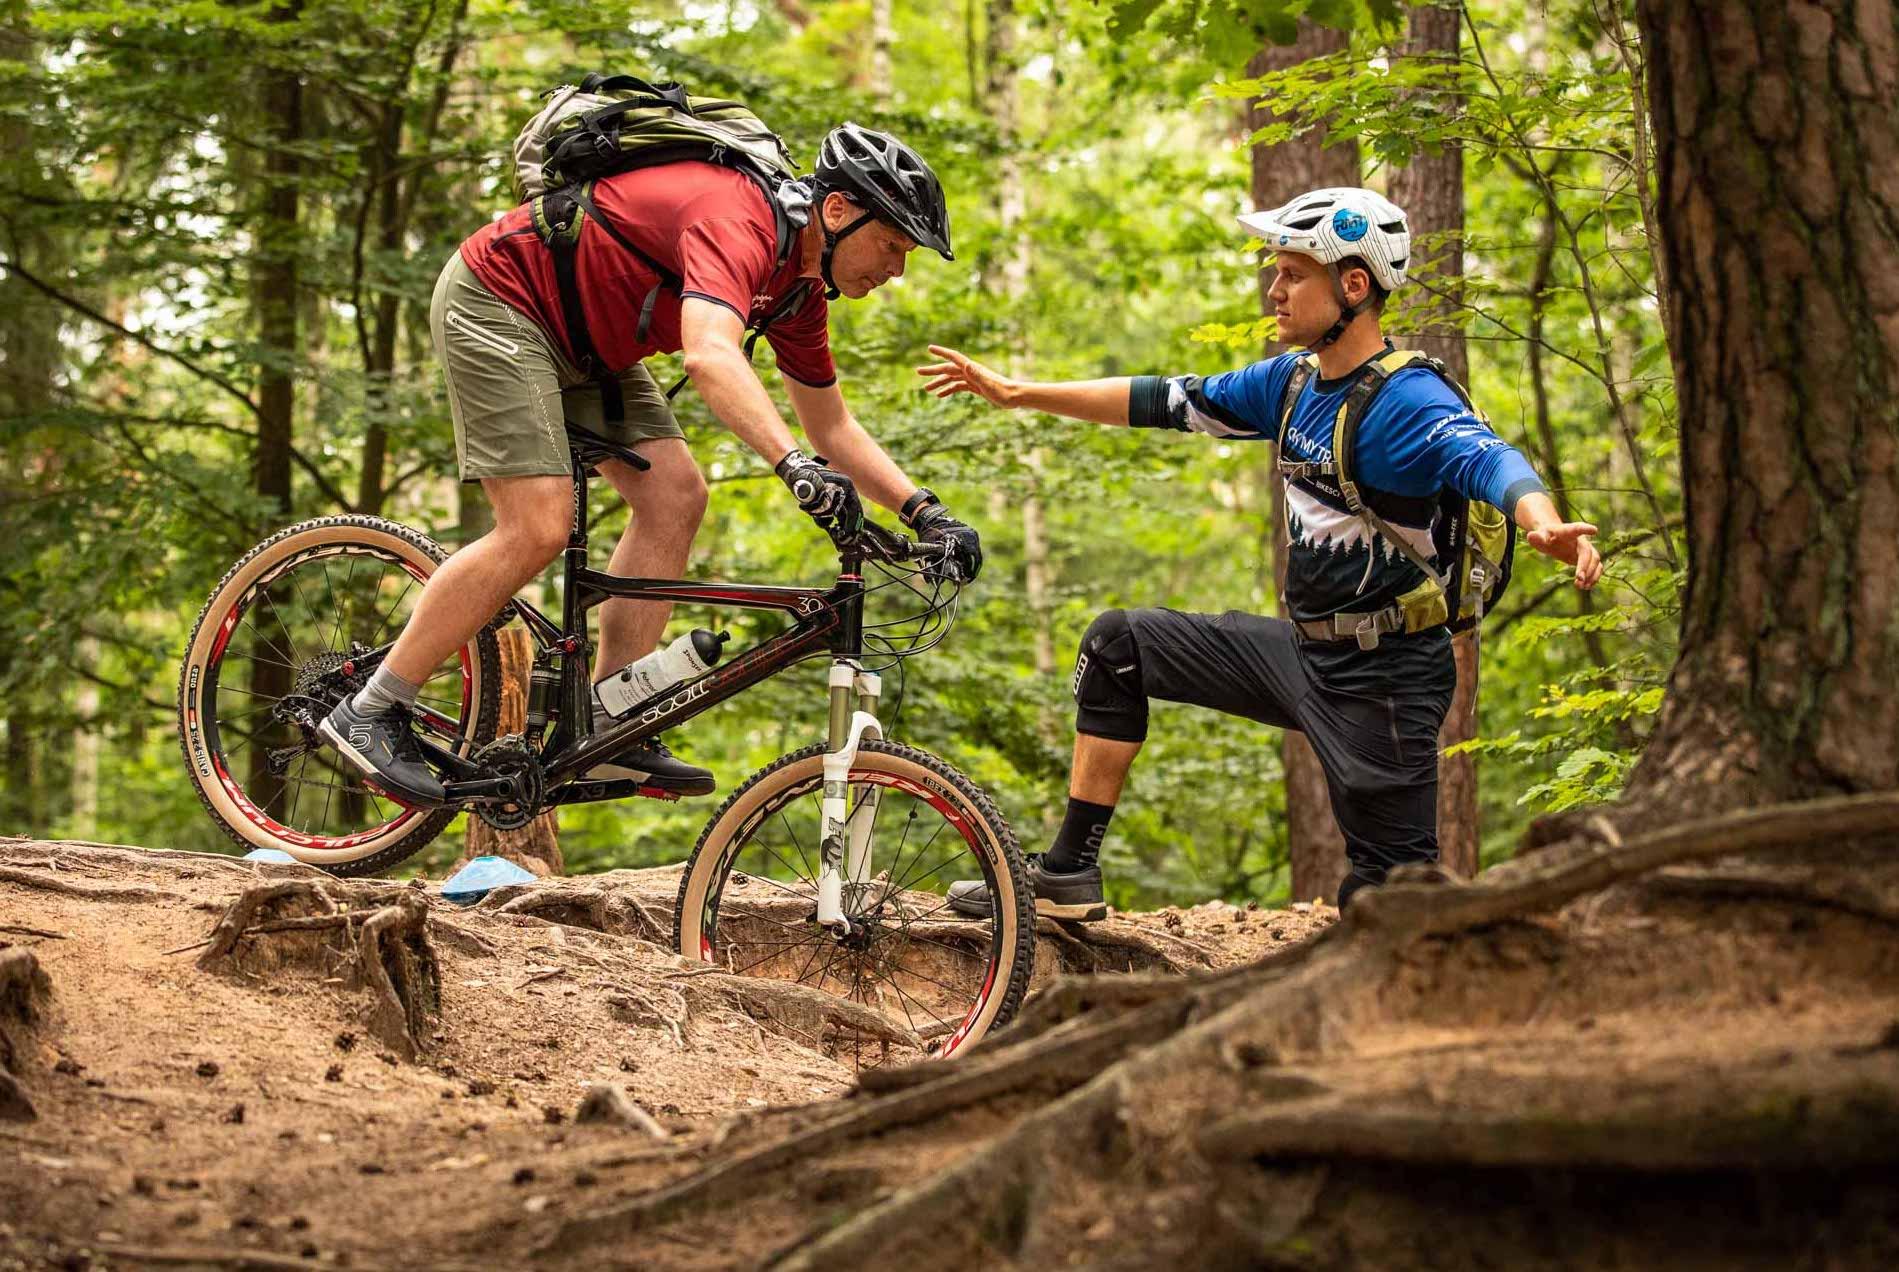 MTB Fahrtechnik Kurs für Einsteiger in Siegburg | Bonn - Mountainbike Basic - Rock my Trail Bikeschule - 32